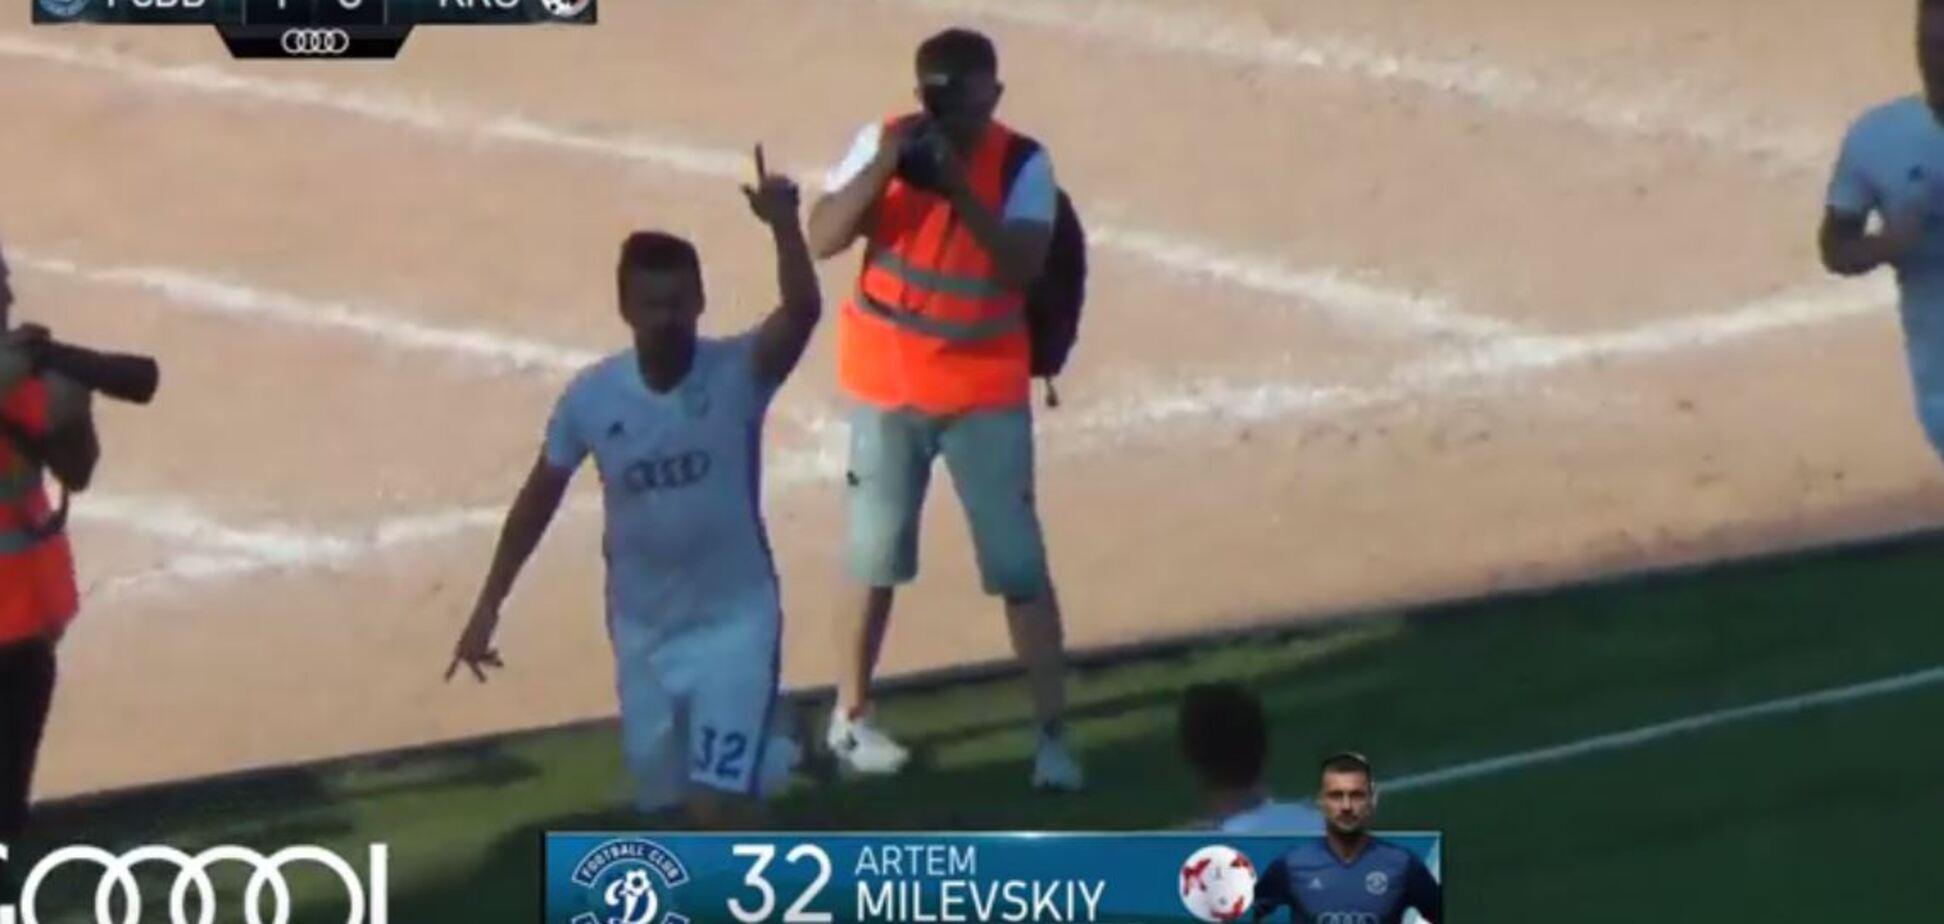 Сборная Украины ждет? Милевский провел фантастический матч за новый клуб - видеофакт